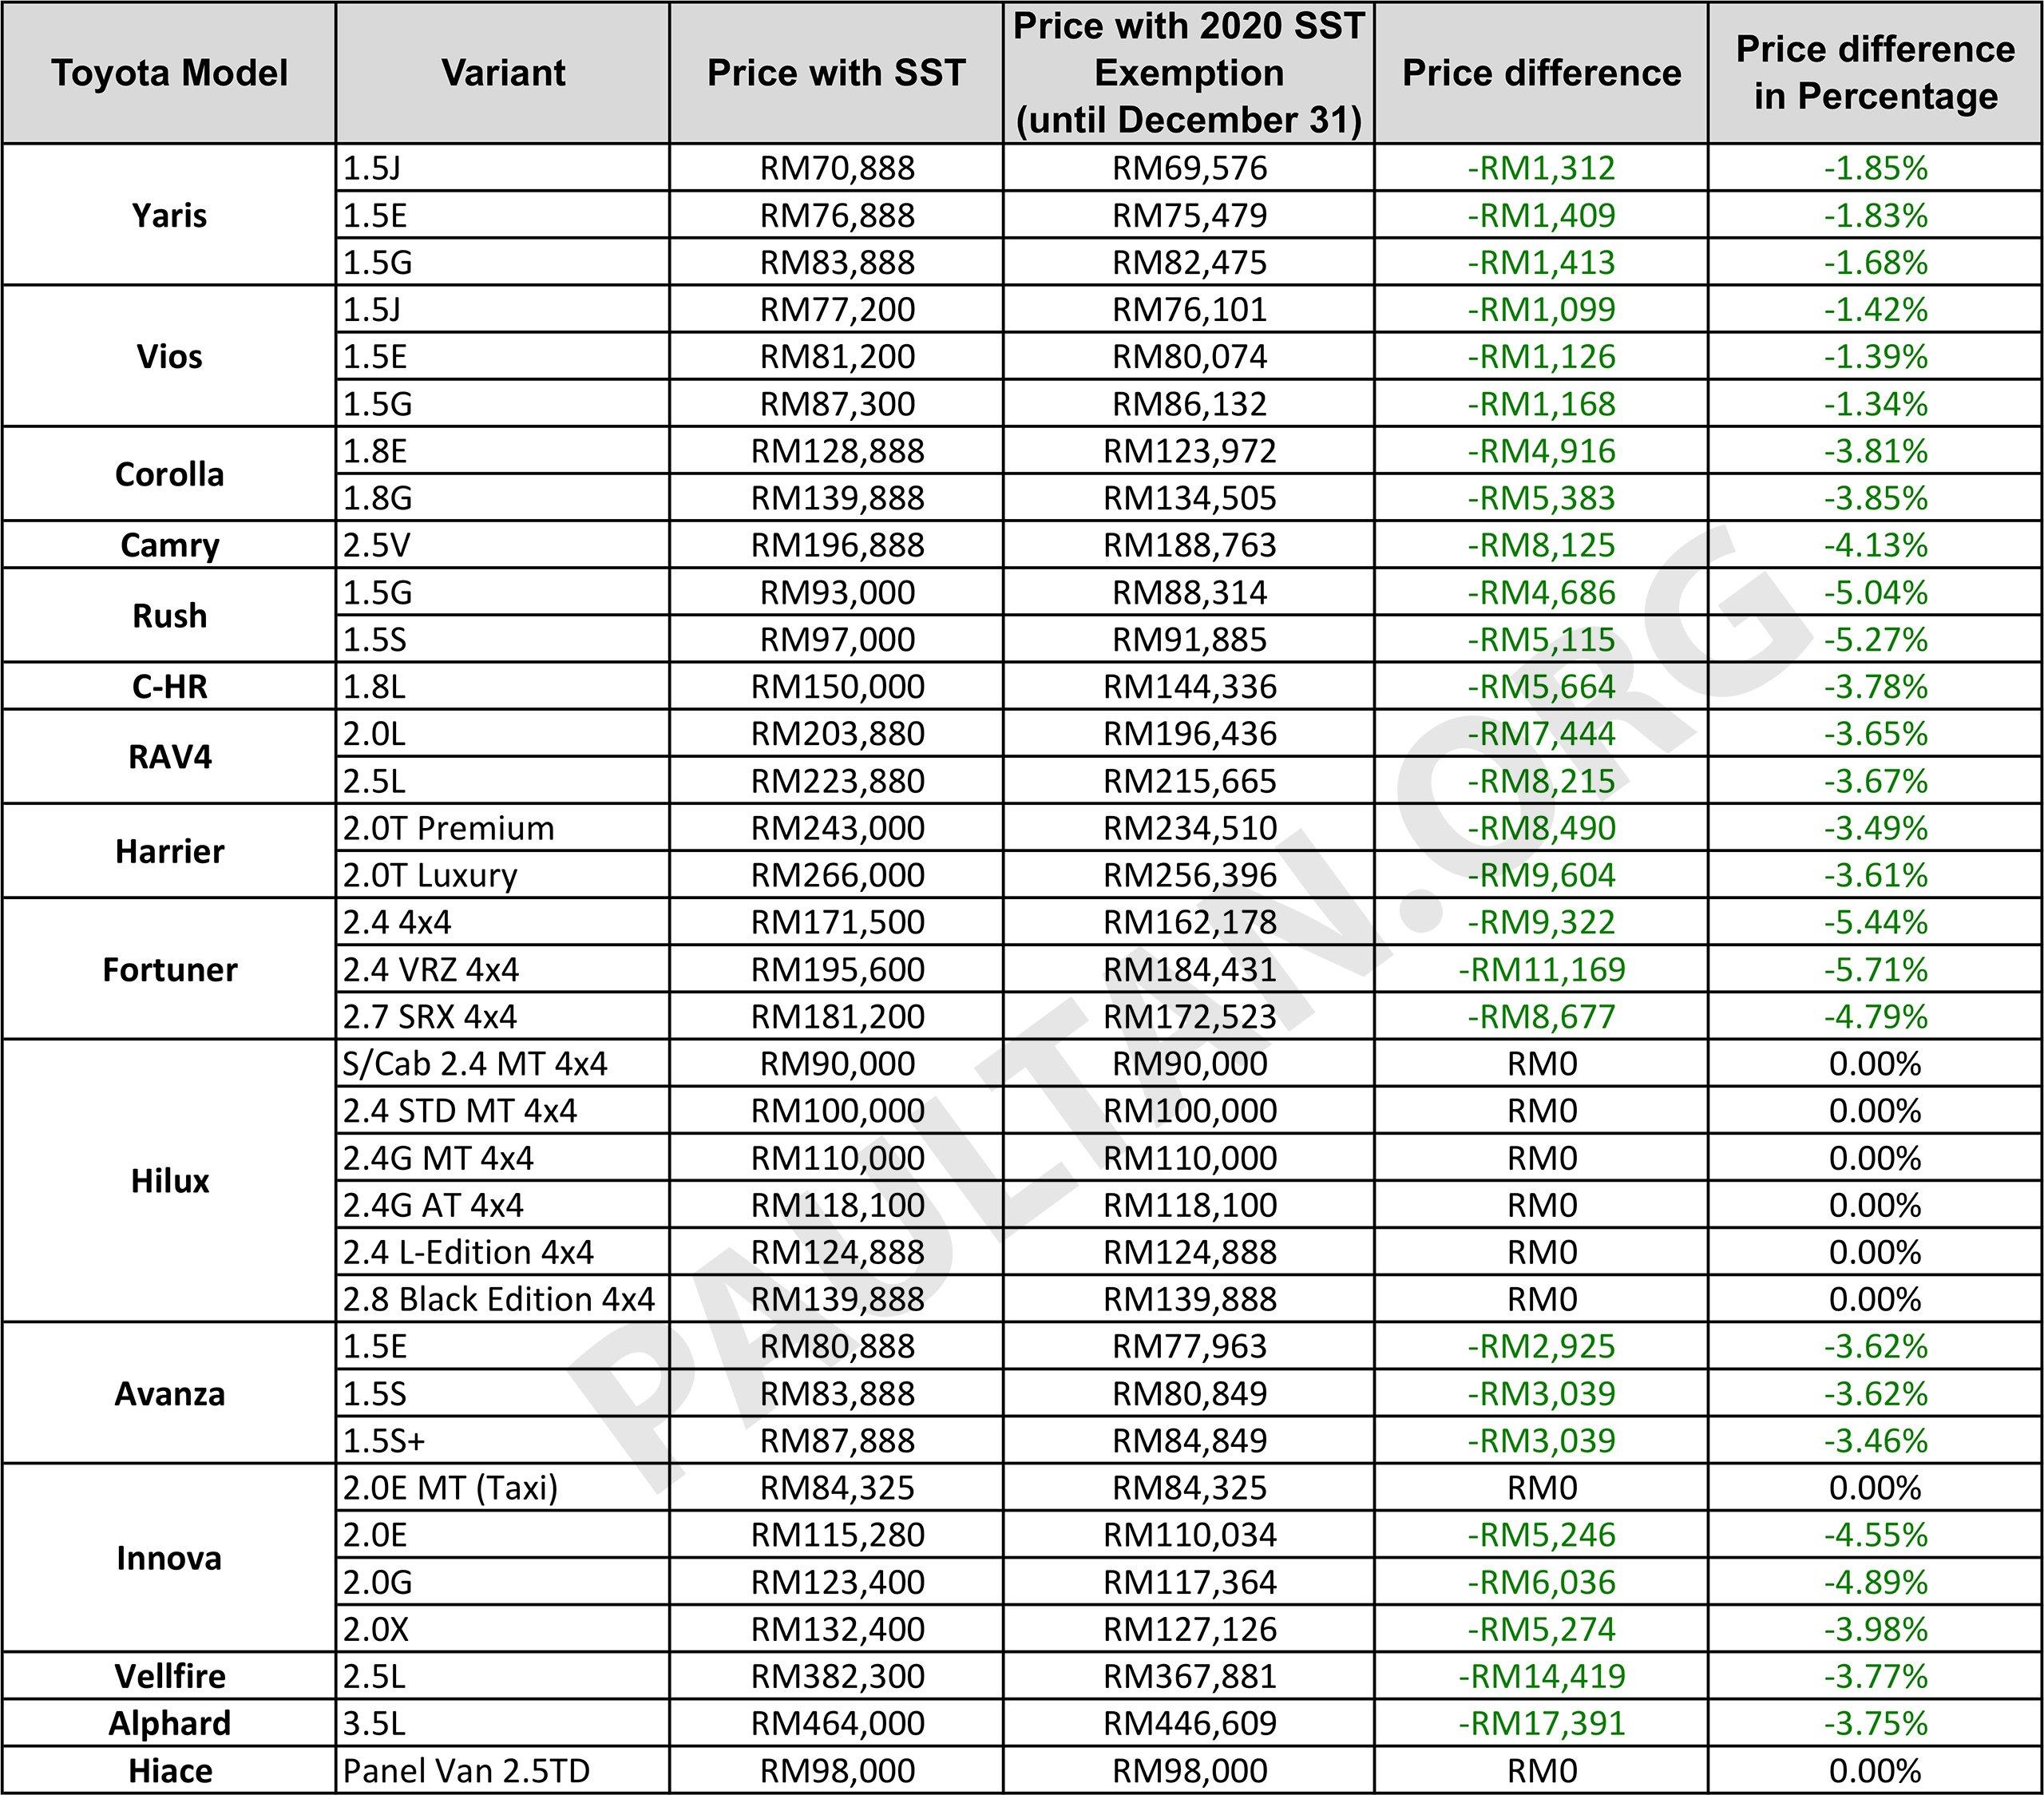 Kelebihan Harga Toyota Harga